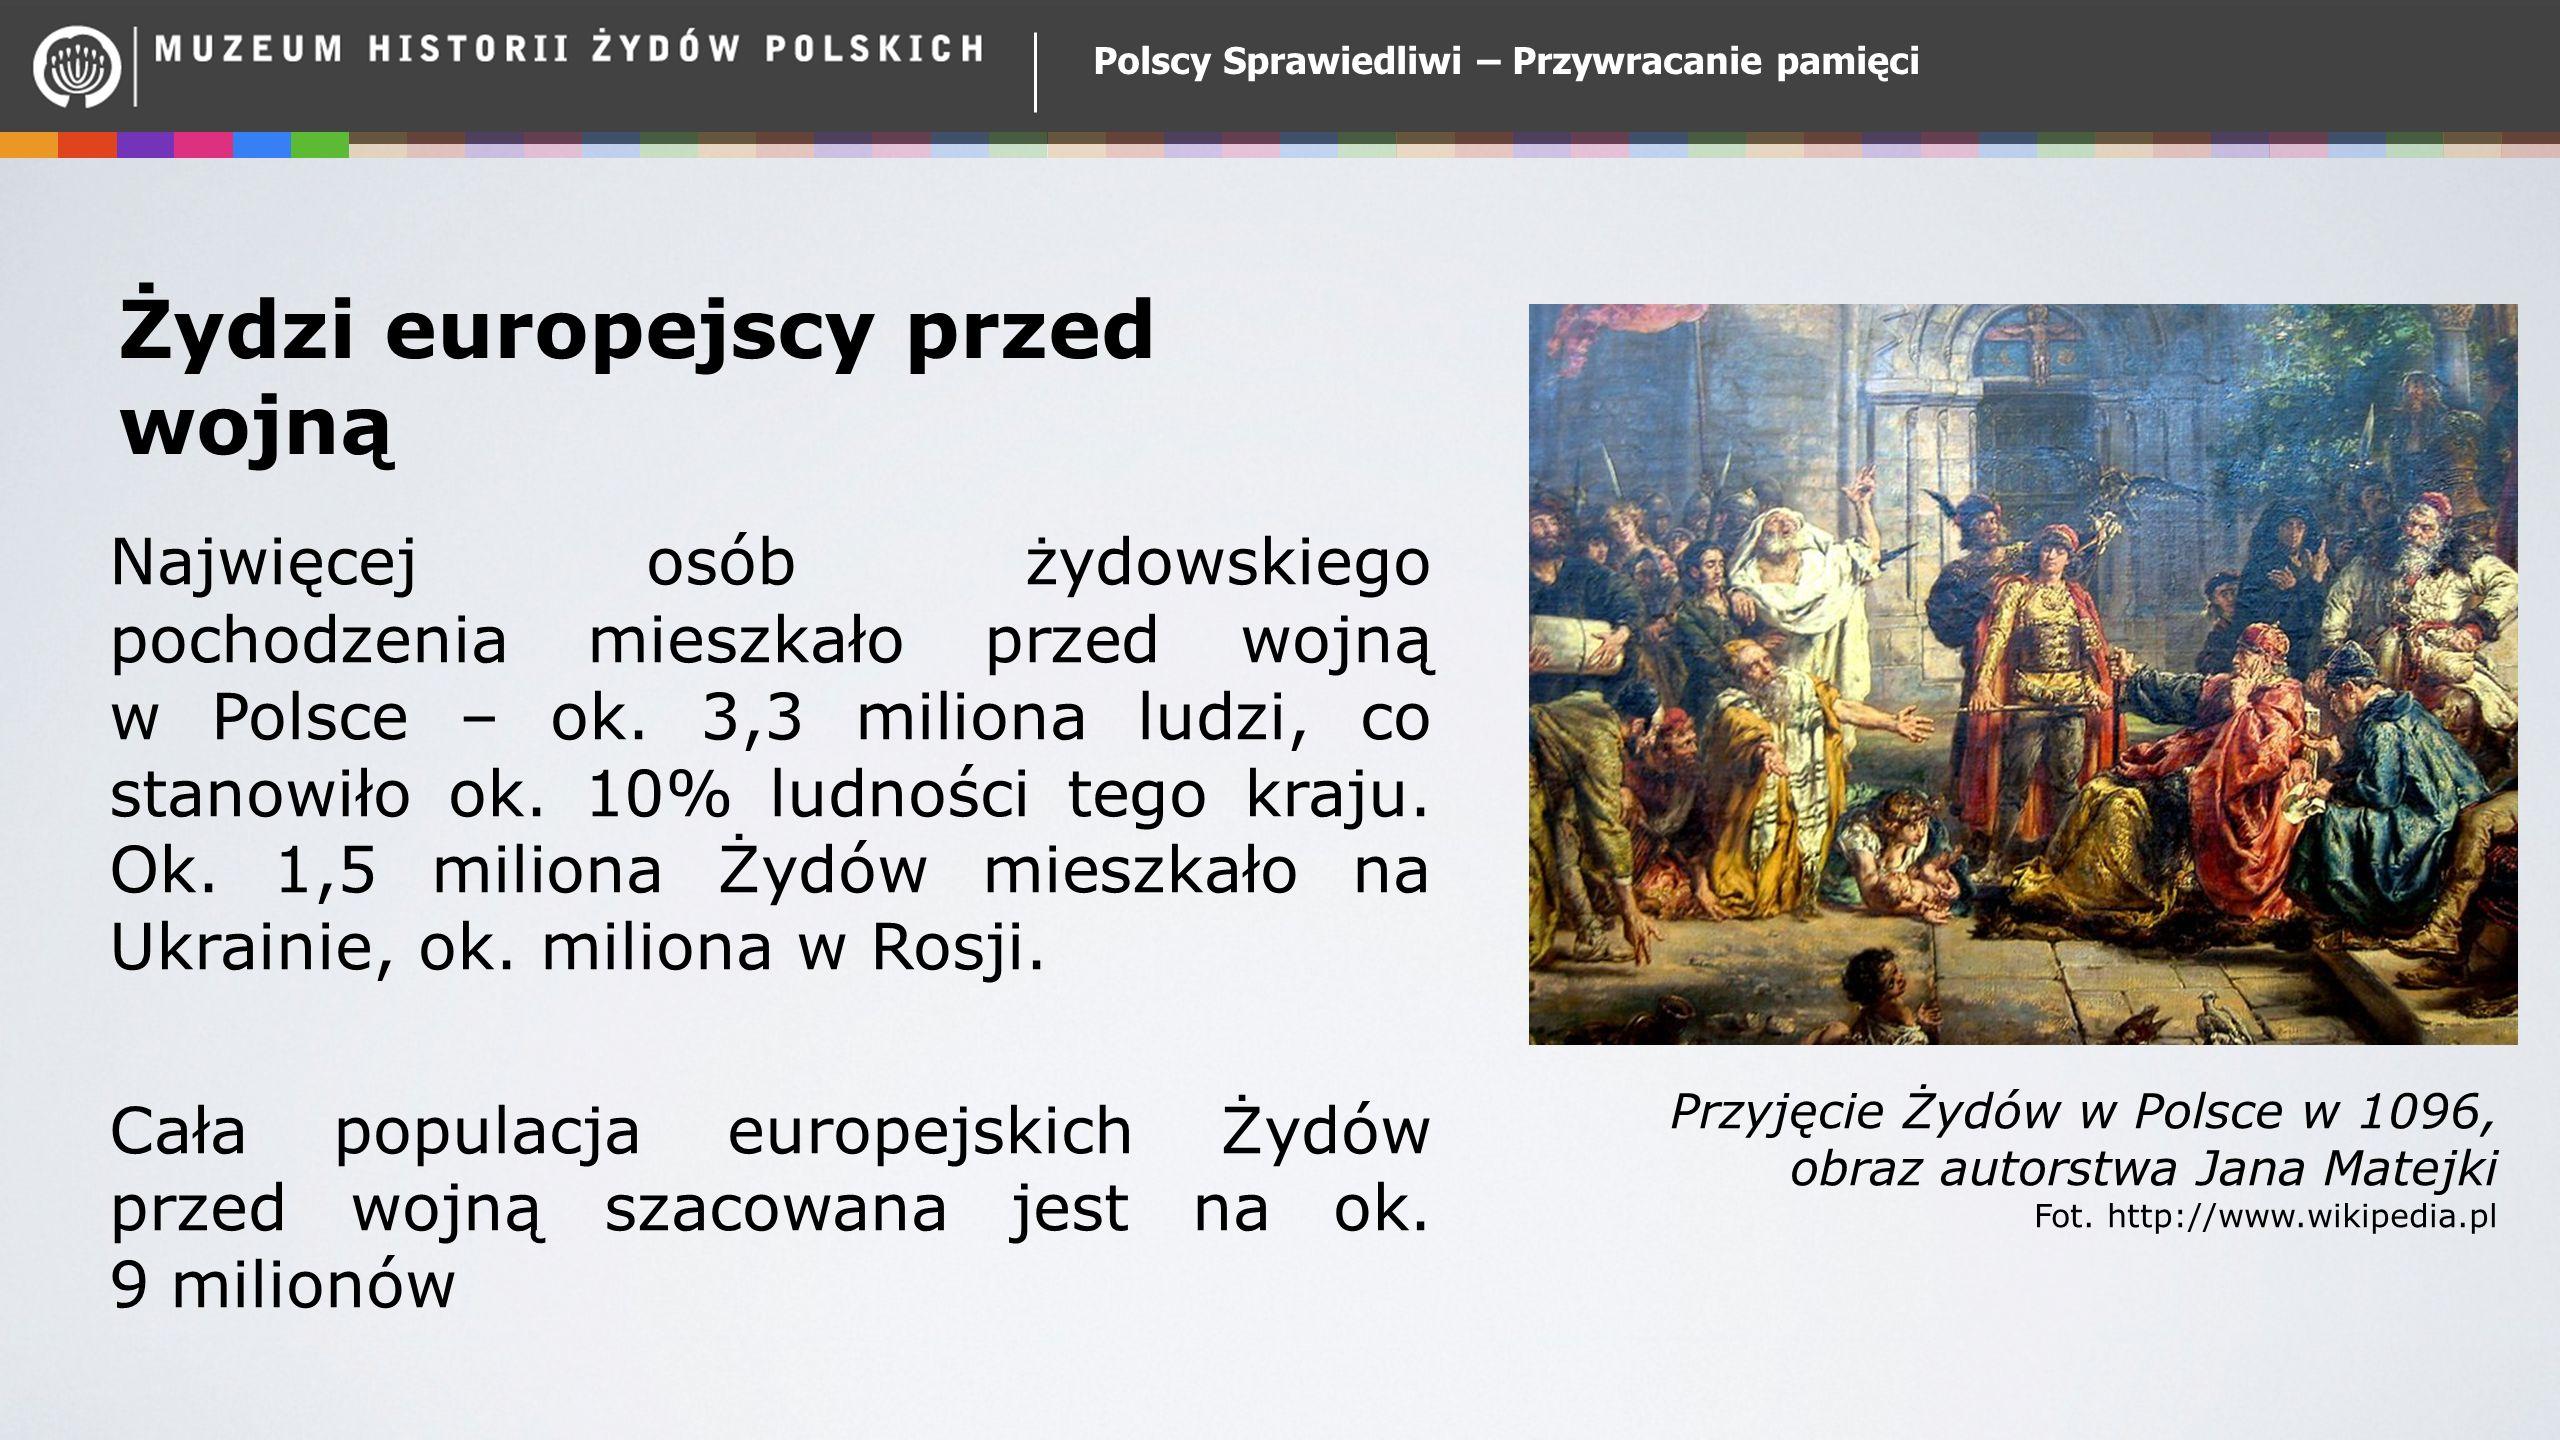 Polscy Sprawiedliwi – Przywracanie pamięci 2.